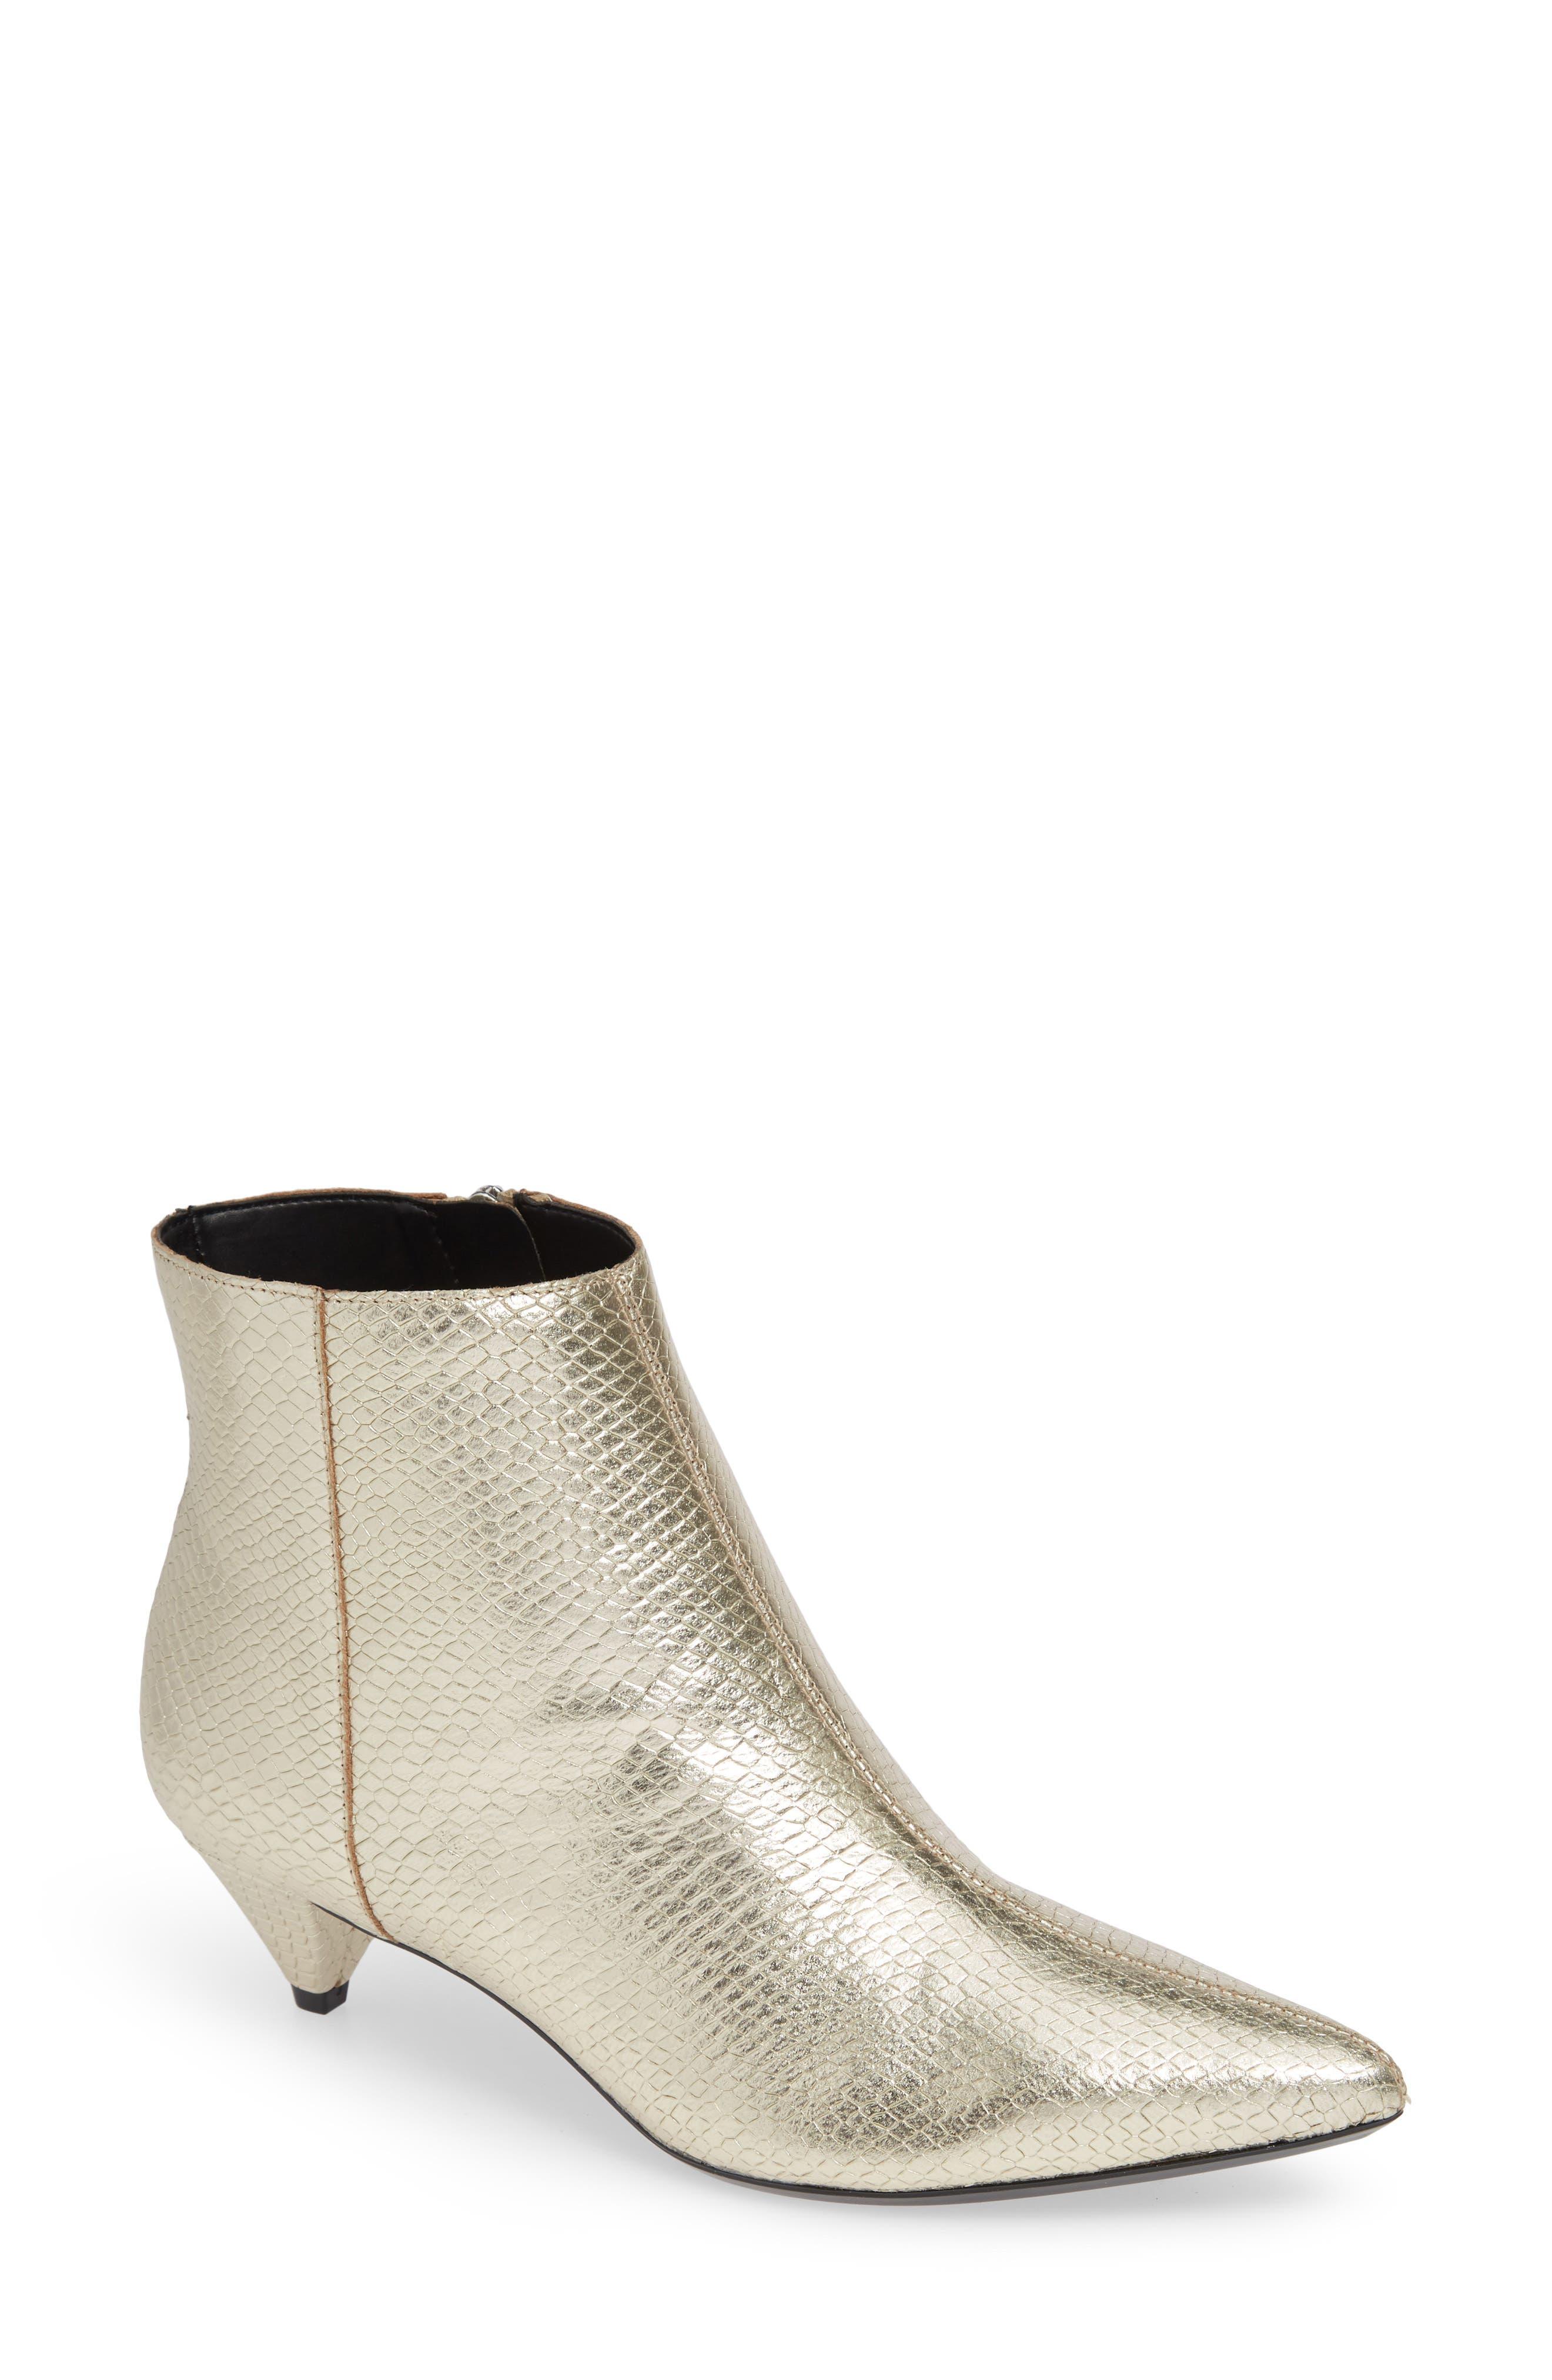 Calvin Klein Larissa Kitten Heel Bootie- Metallic